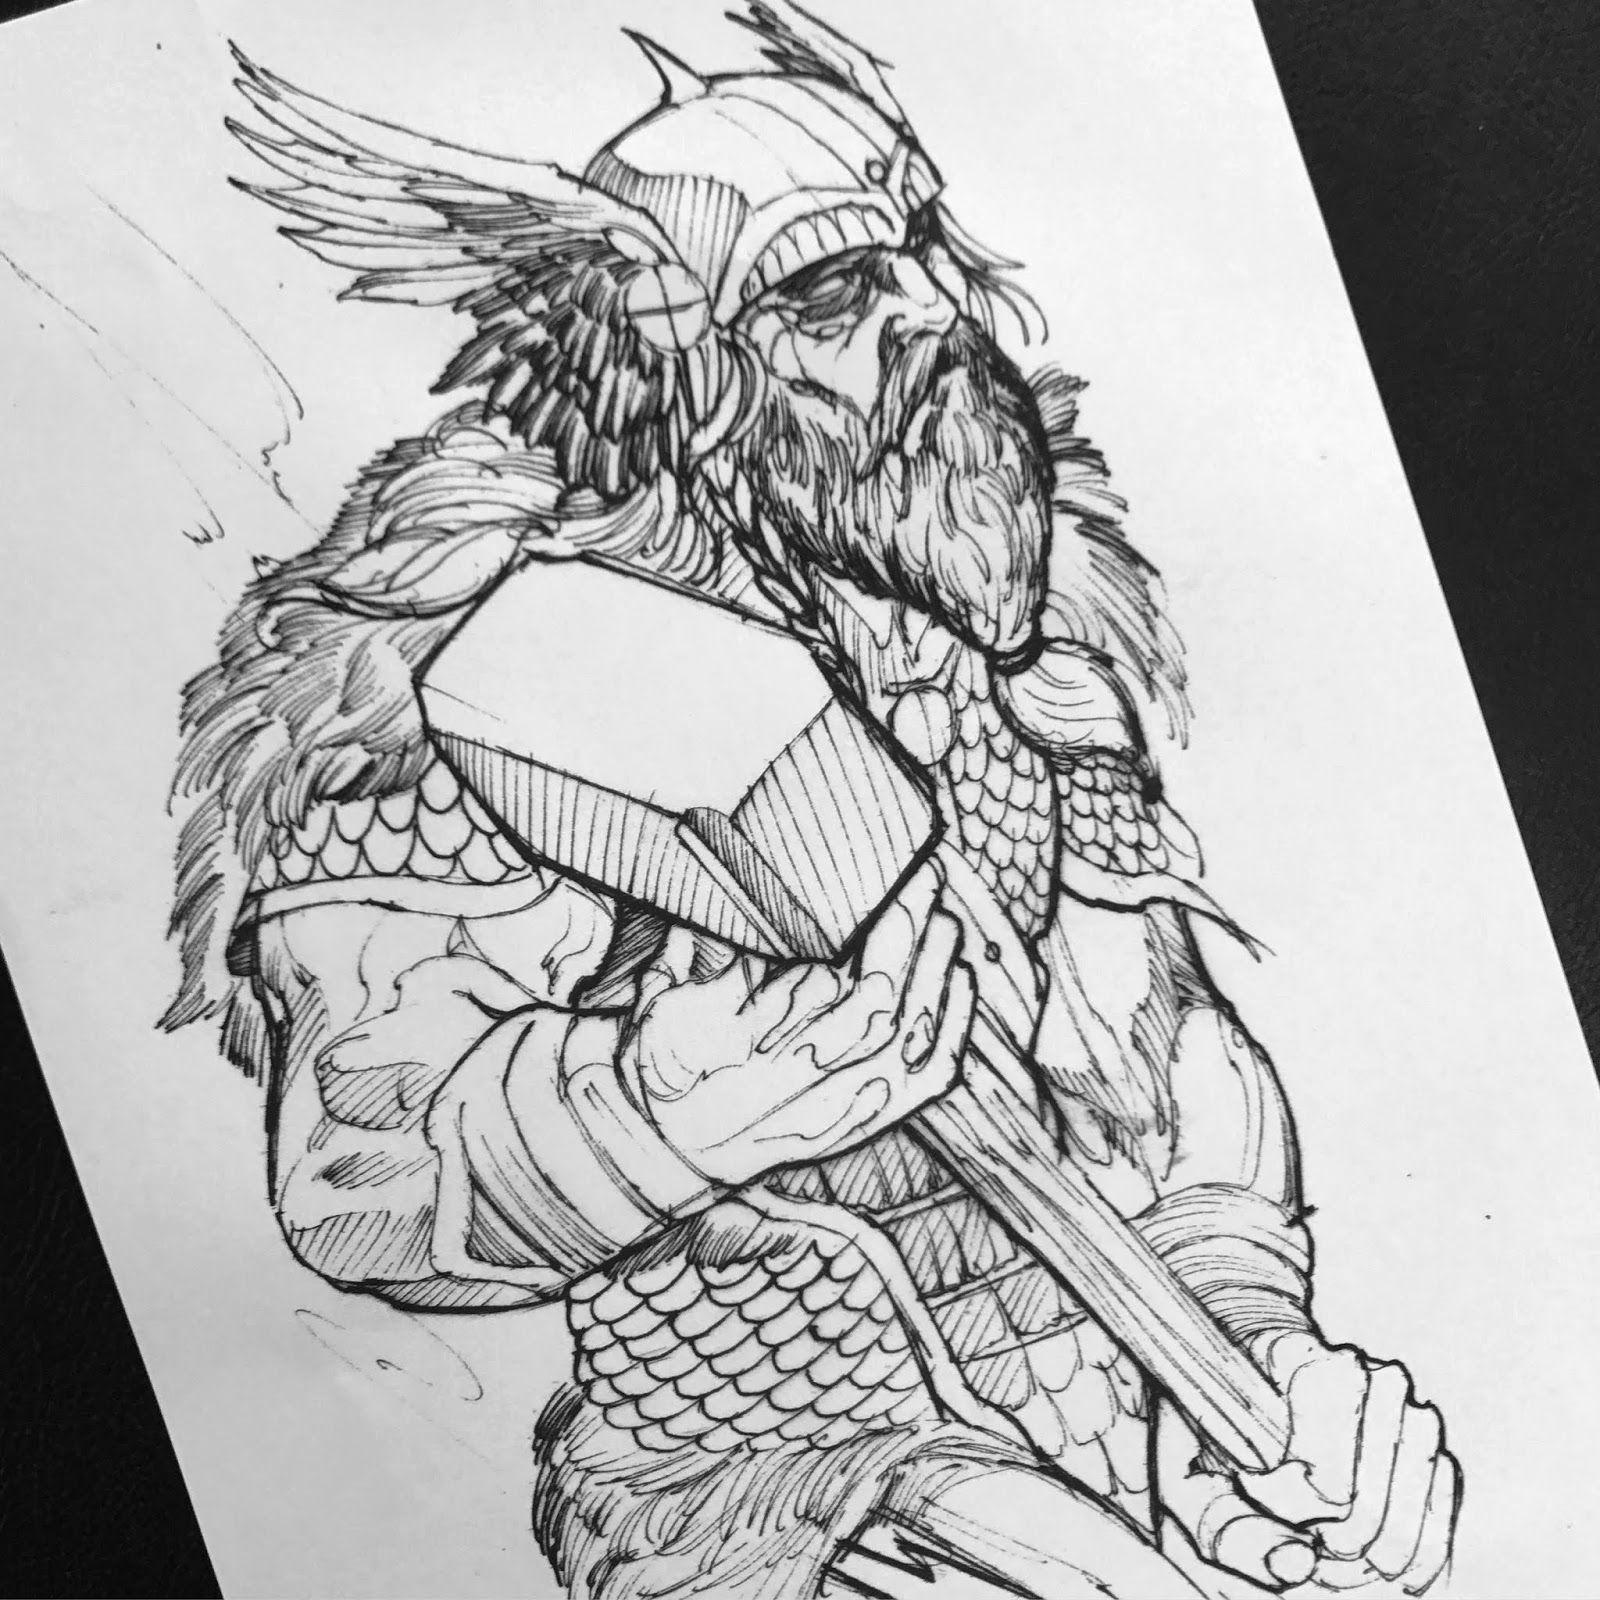 Viking Tattoo By Max Inkspot Http Bit Ly 10